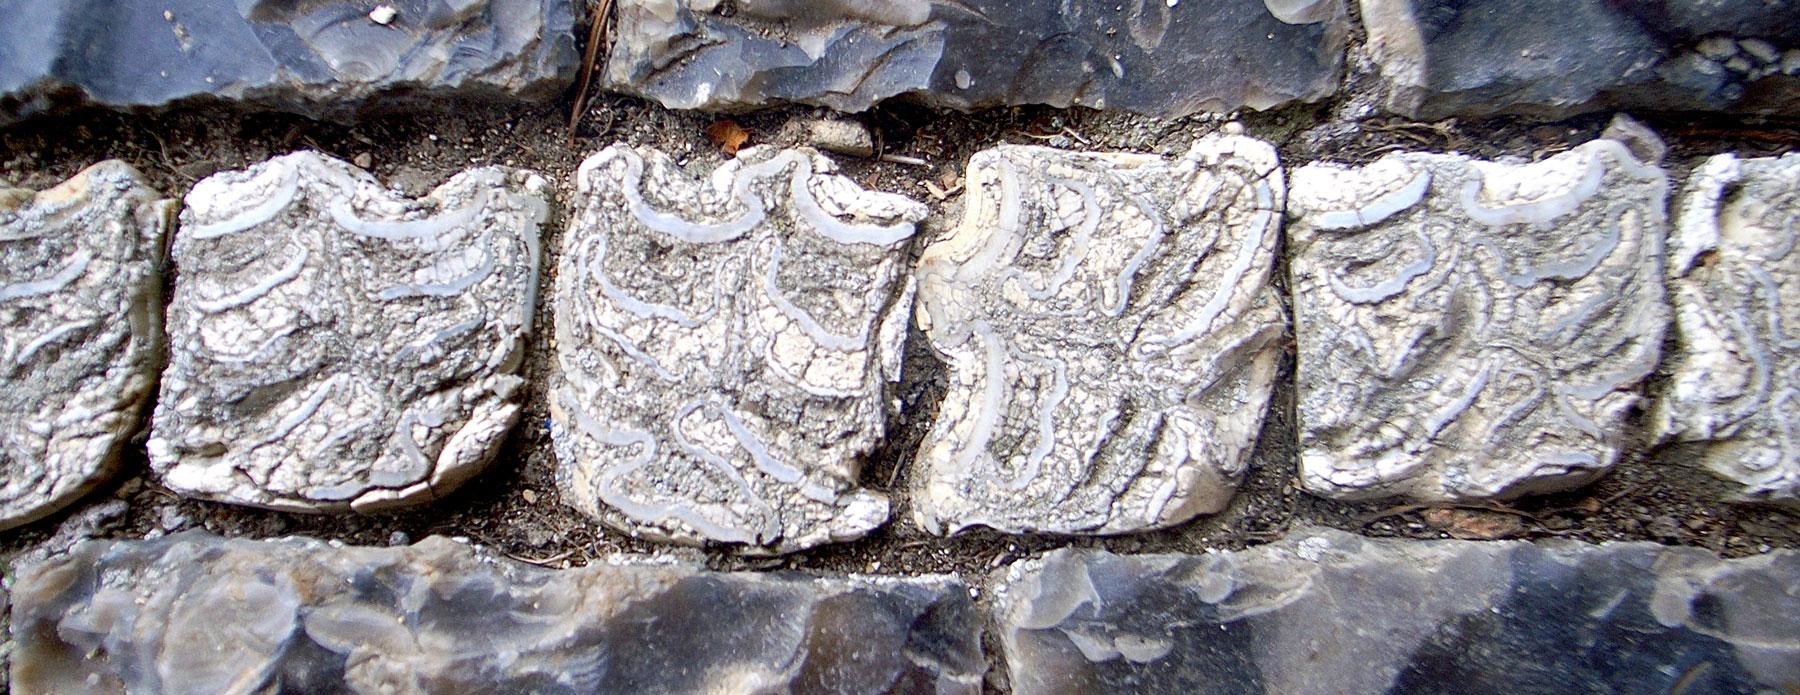 horse teeth detail in floor